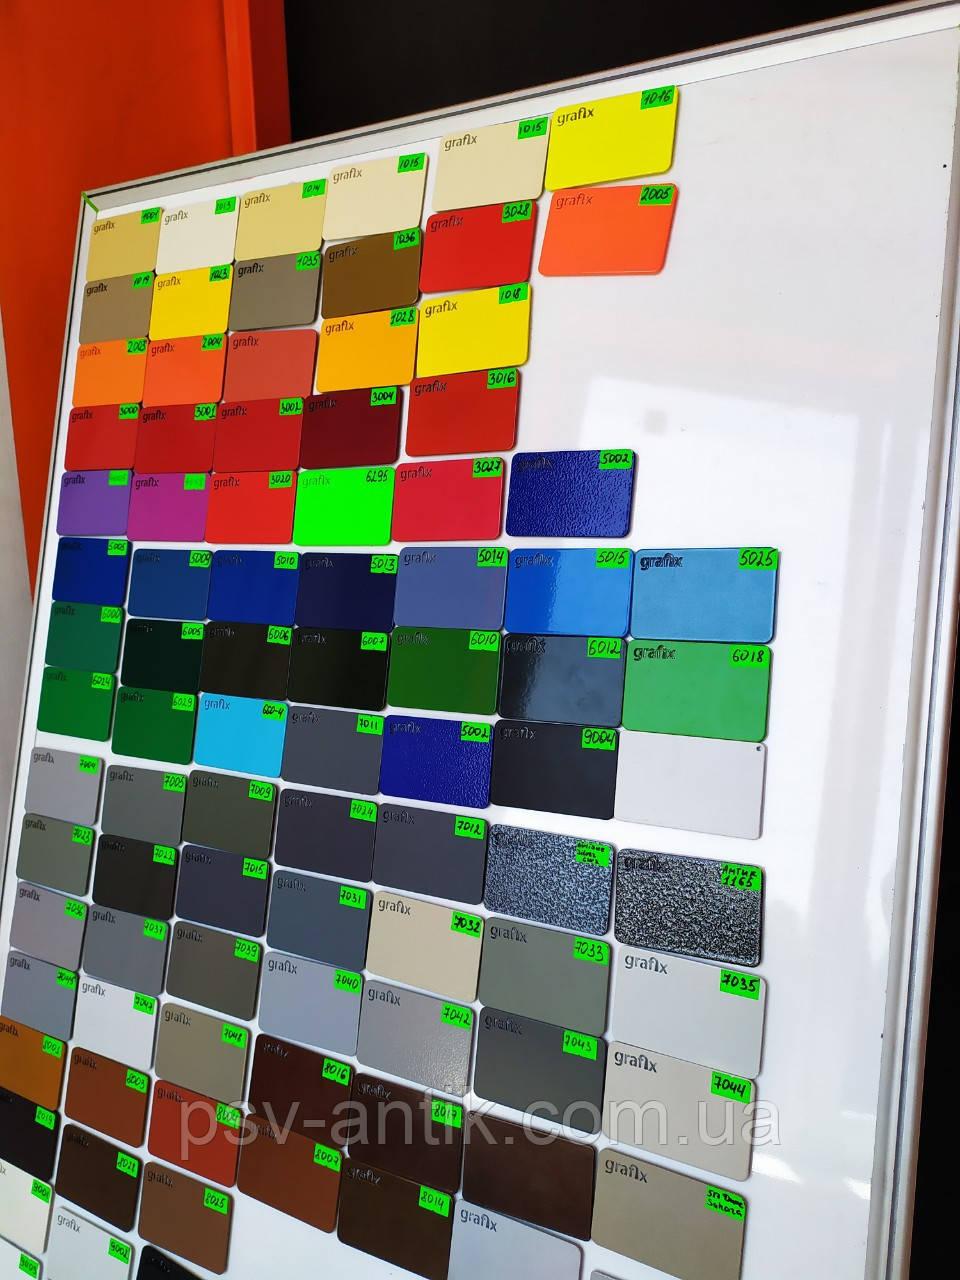 Порошковая краска глянцевая, полиэфирная, индустриальная, 2000